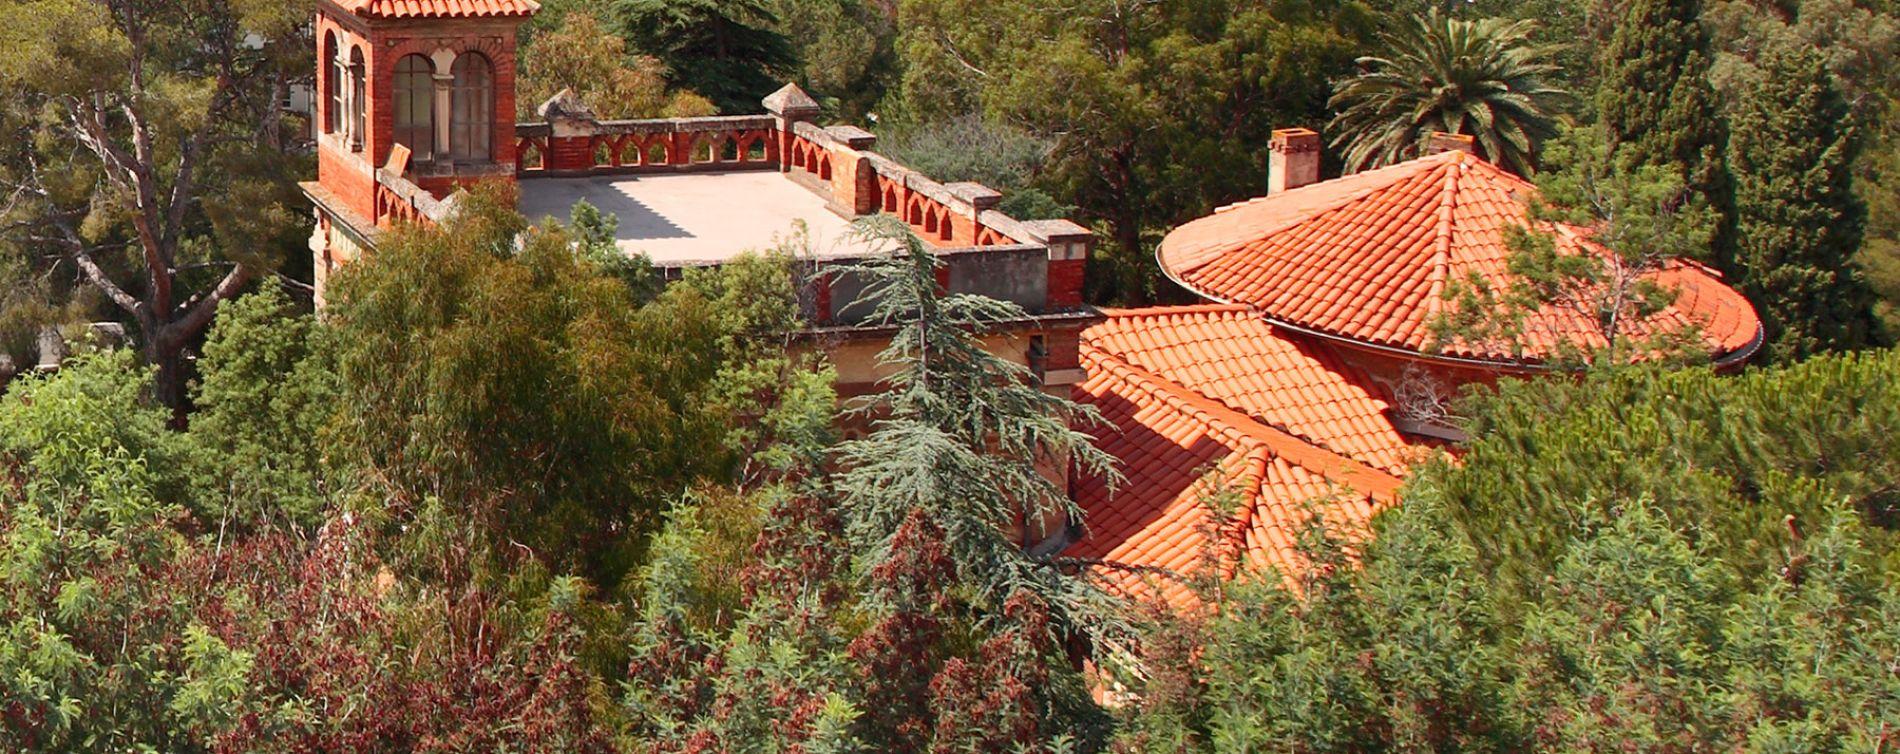 La Londe-les-Maures : programme immobilier à rénover « Château Horace Vernet » en Déficit Foncier (4)